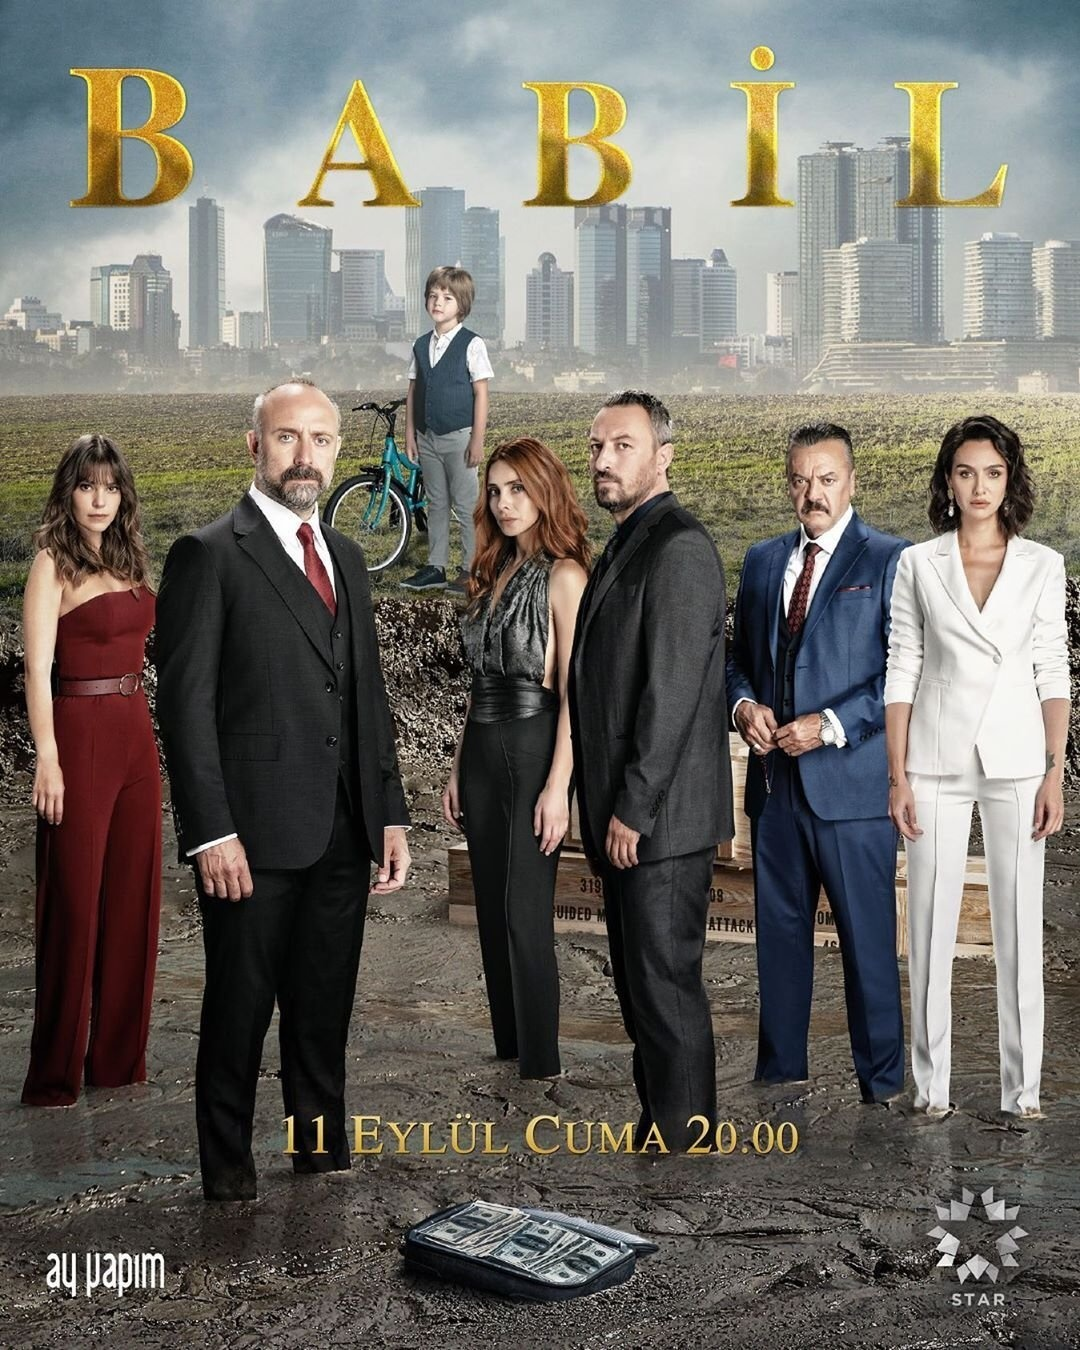 بابل 2 الحلقة 11 مدبلج